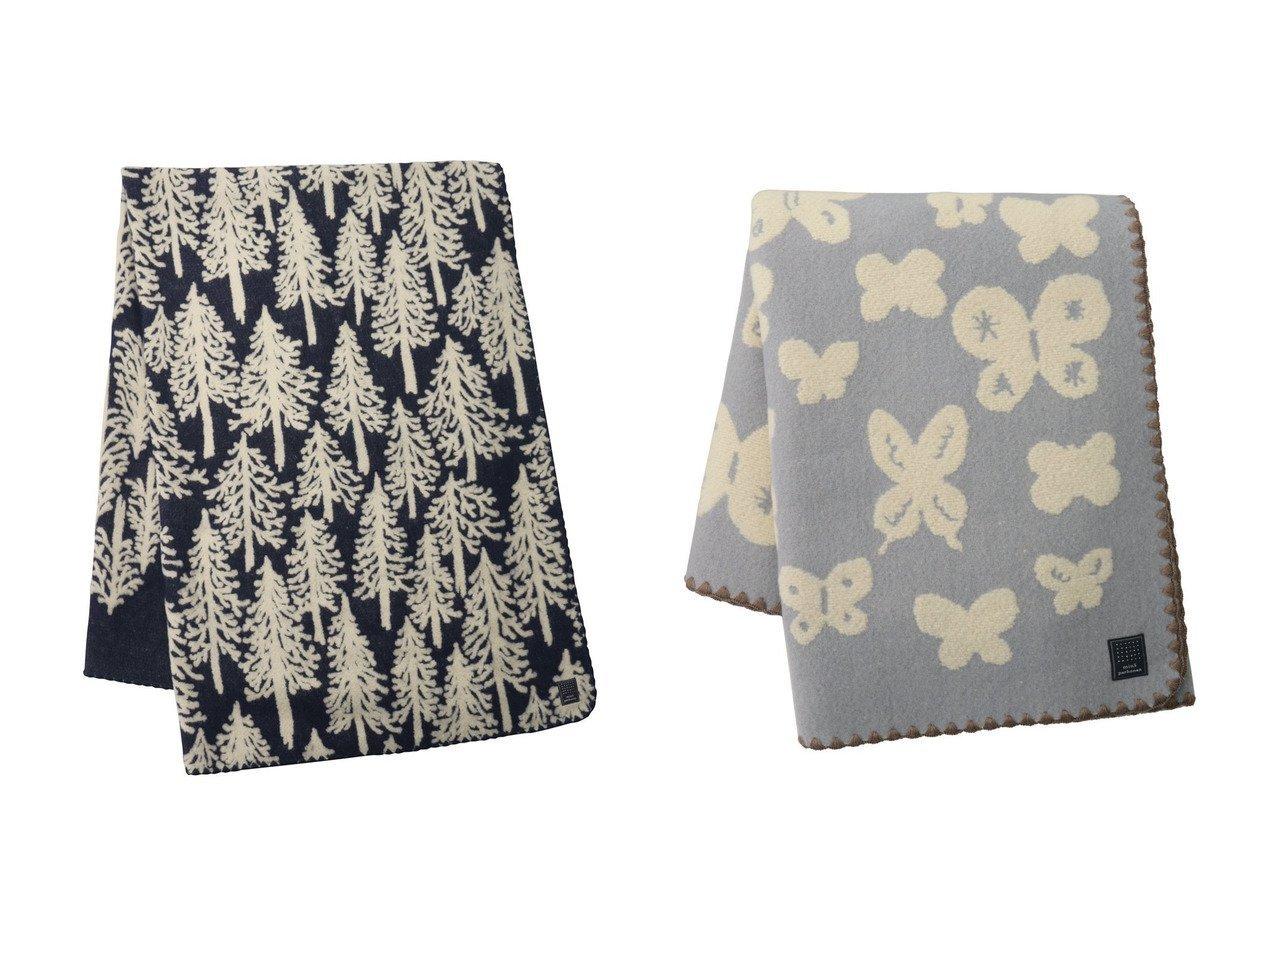 【mina perhonen / GOODS/ミナ ペルホネン】のmemoria ブランケット Small(約100×146cm)&metsa ブランケット Large(約220×146cm) おすすめ!人気、レディースファッションの通販 おすすめで人気のファッション通販商品 インテリア・家具・キッズファッション・メンズファッション・レディースファッション・服の通販 founy(ファニー) https://founy.com/ ブランケット 防寒 |ID:crp329100000003837